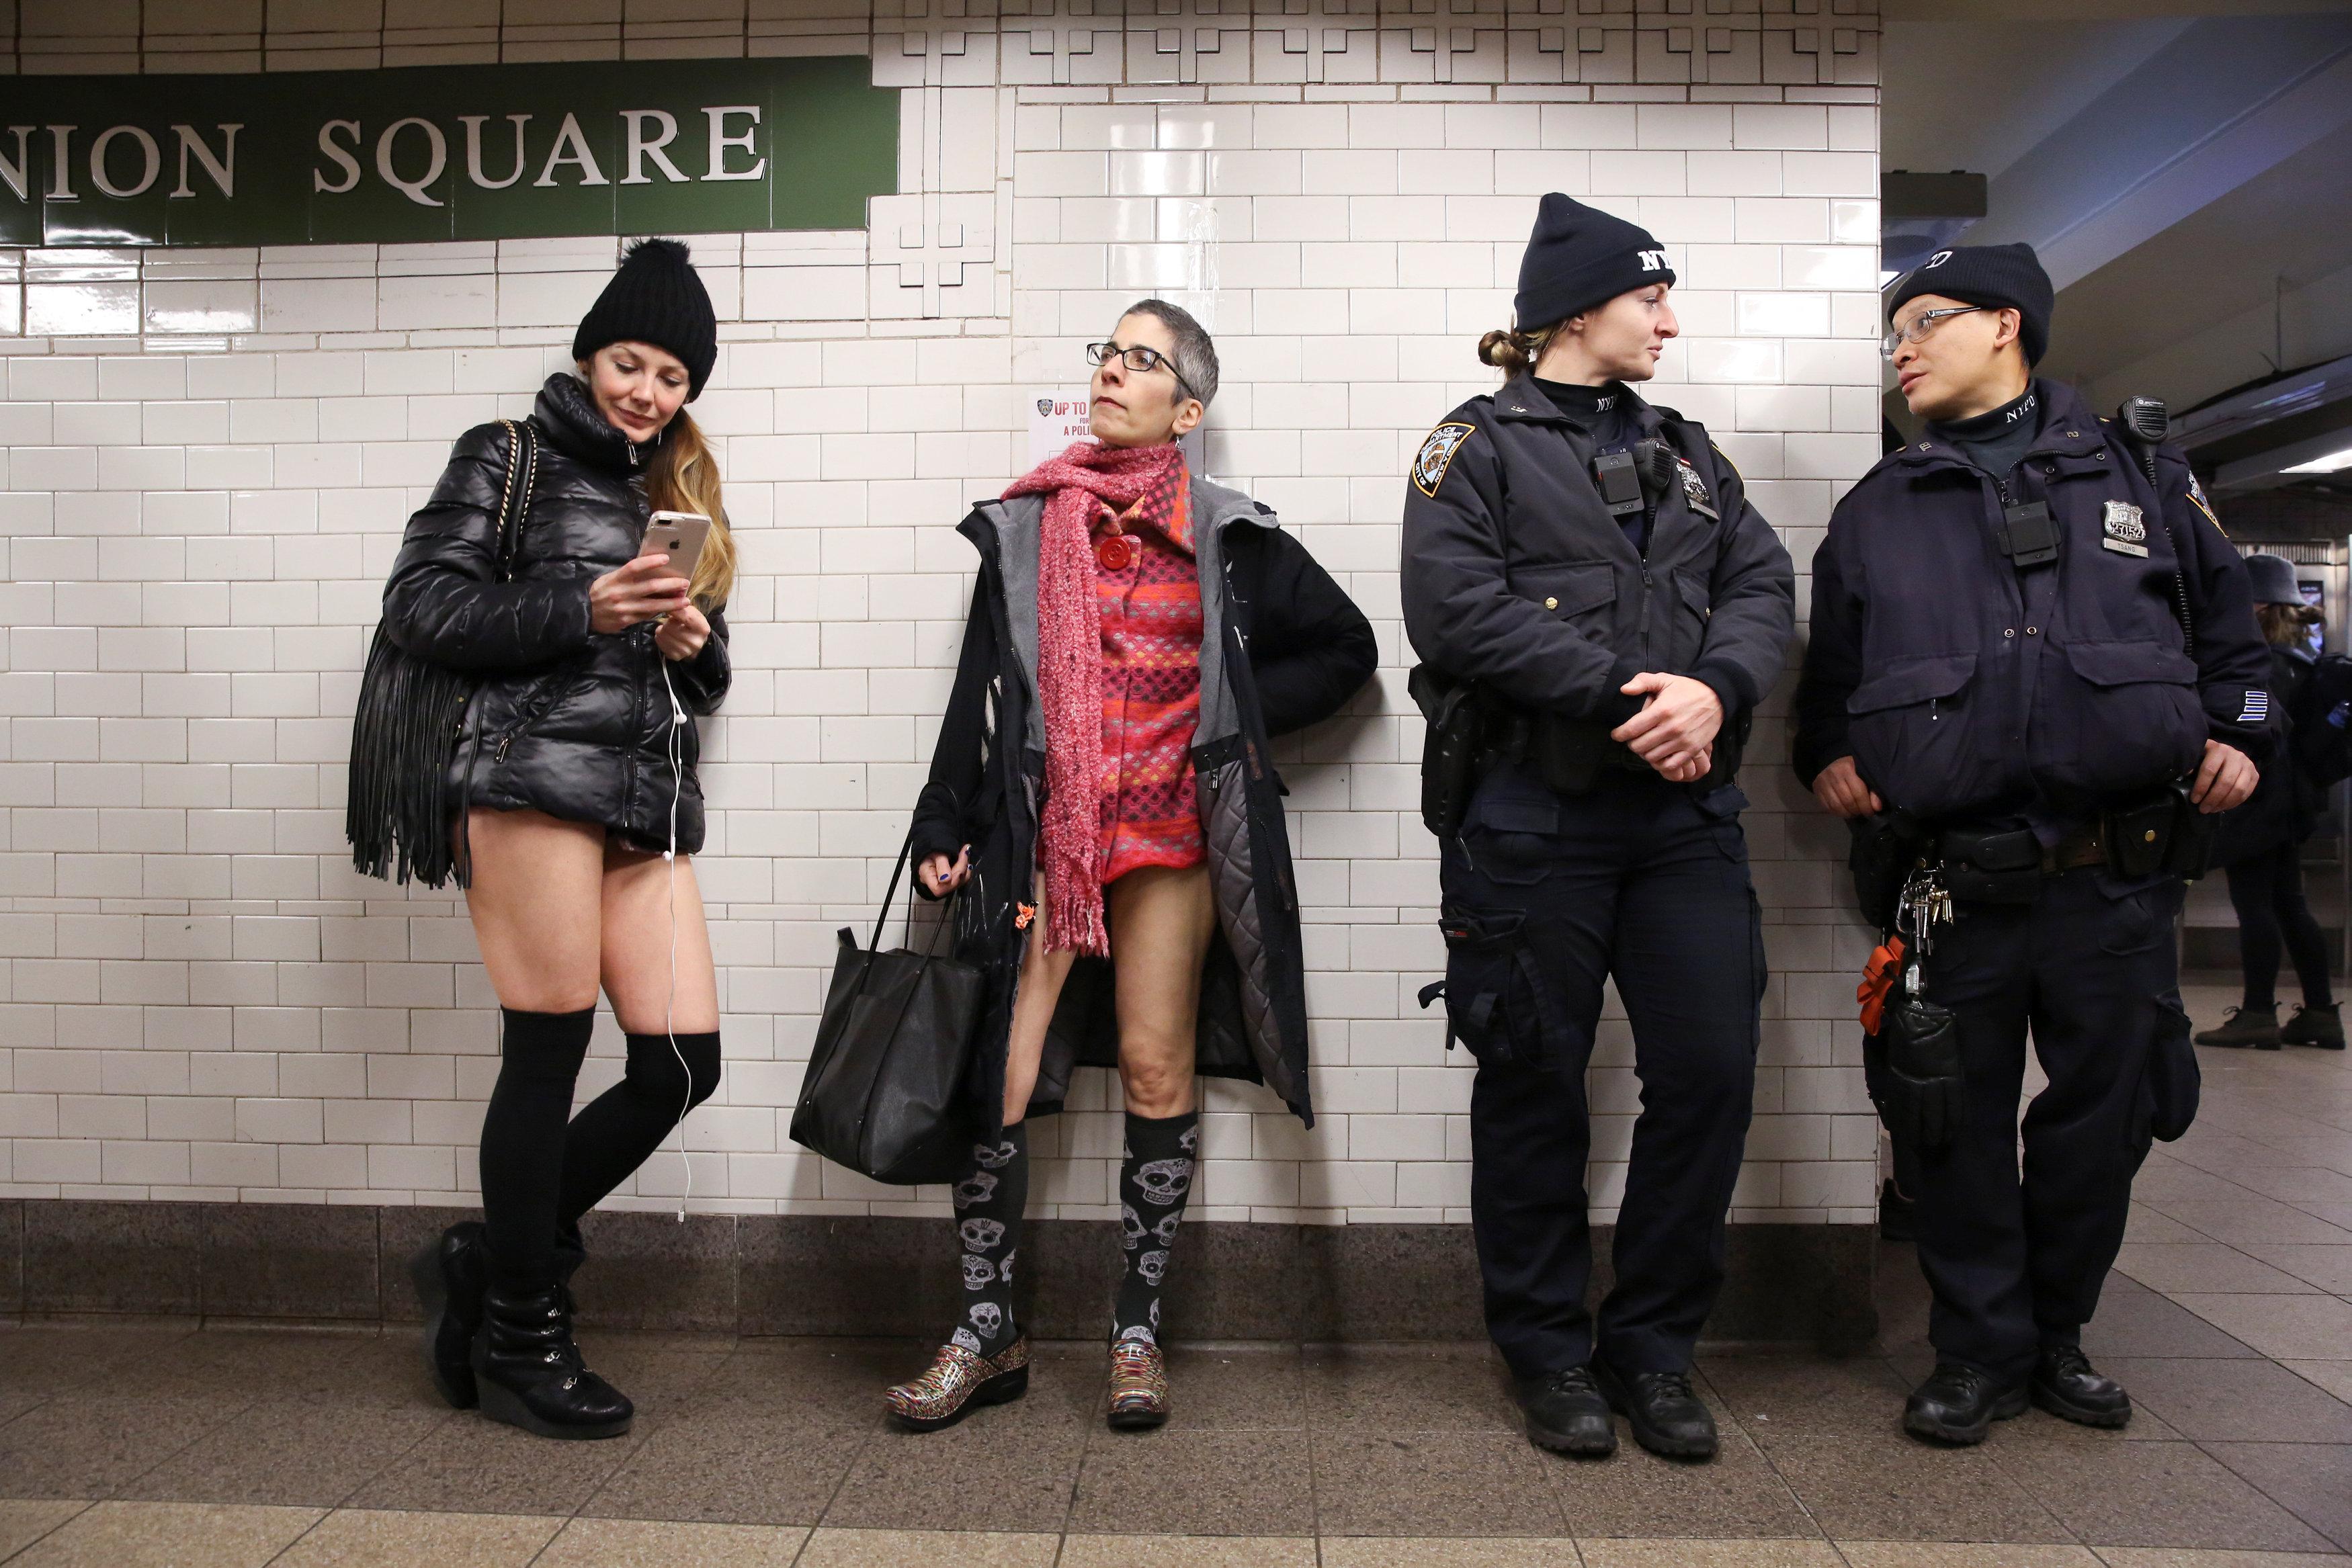 ركاب مترو نيويورك يحتفلون باليوم العالمى لخلع السروال رغم البرد (14)